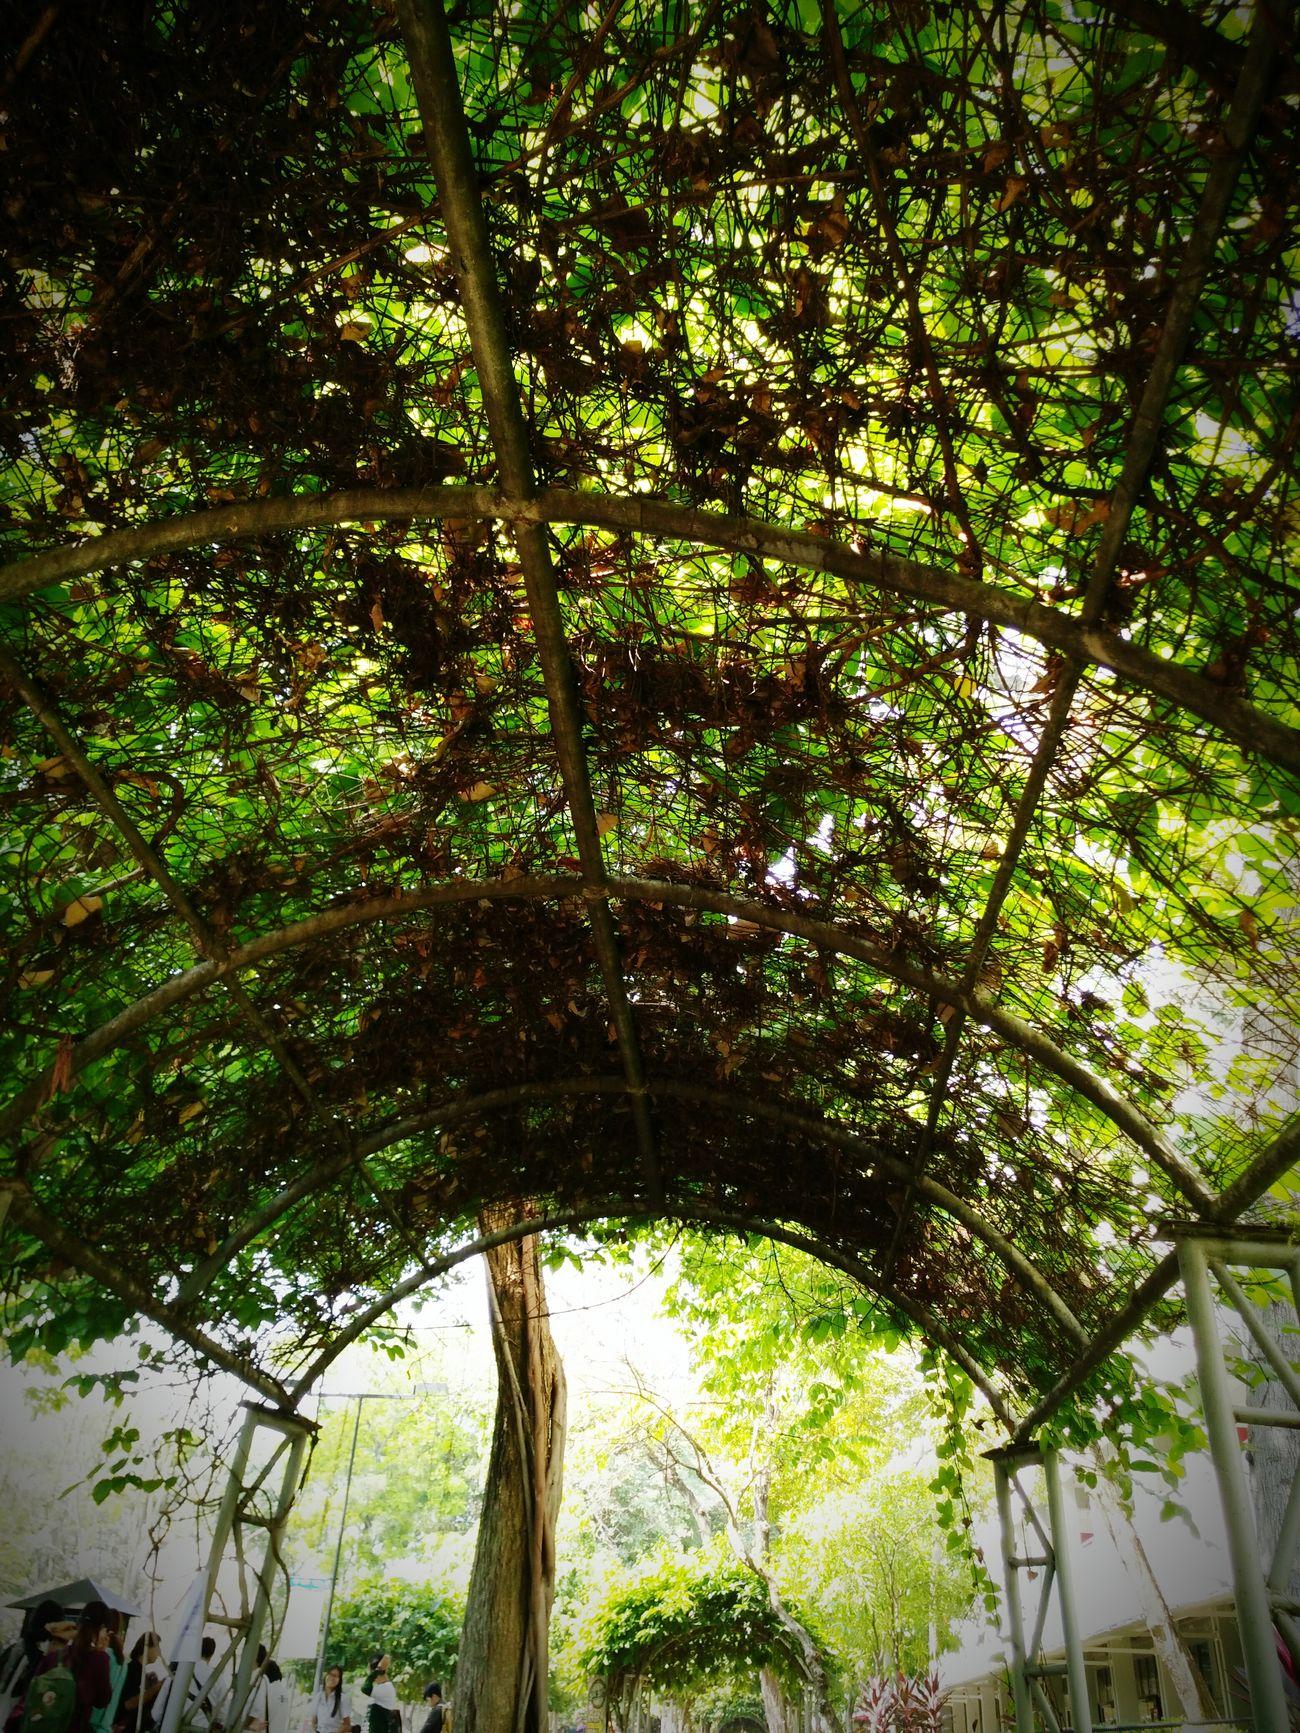 Real life ...Vine Liana Green Tree Shade Alone